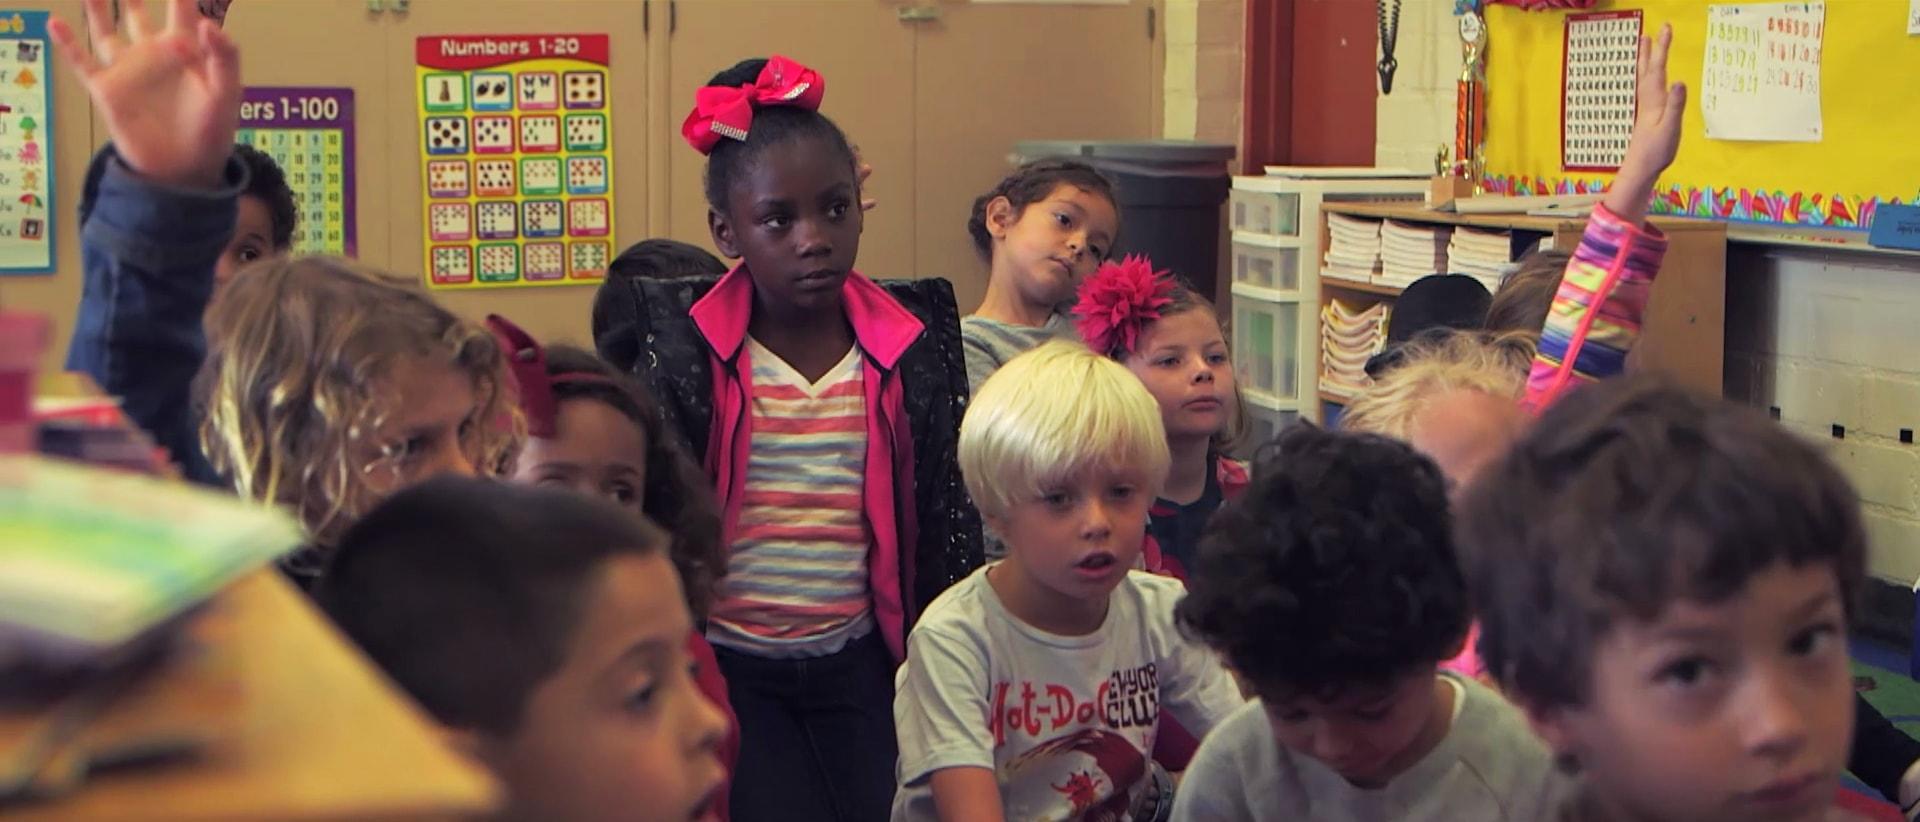 Le Cerveau des enfants de Stéphanie Brillant image 2